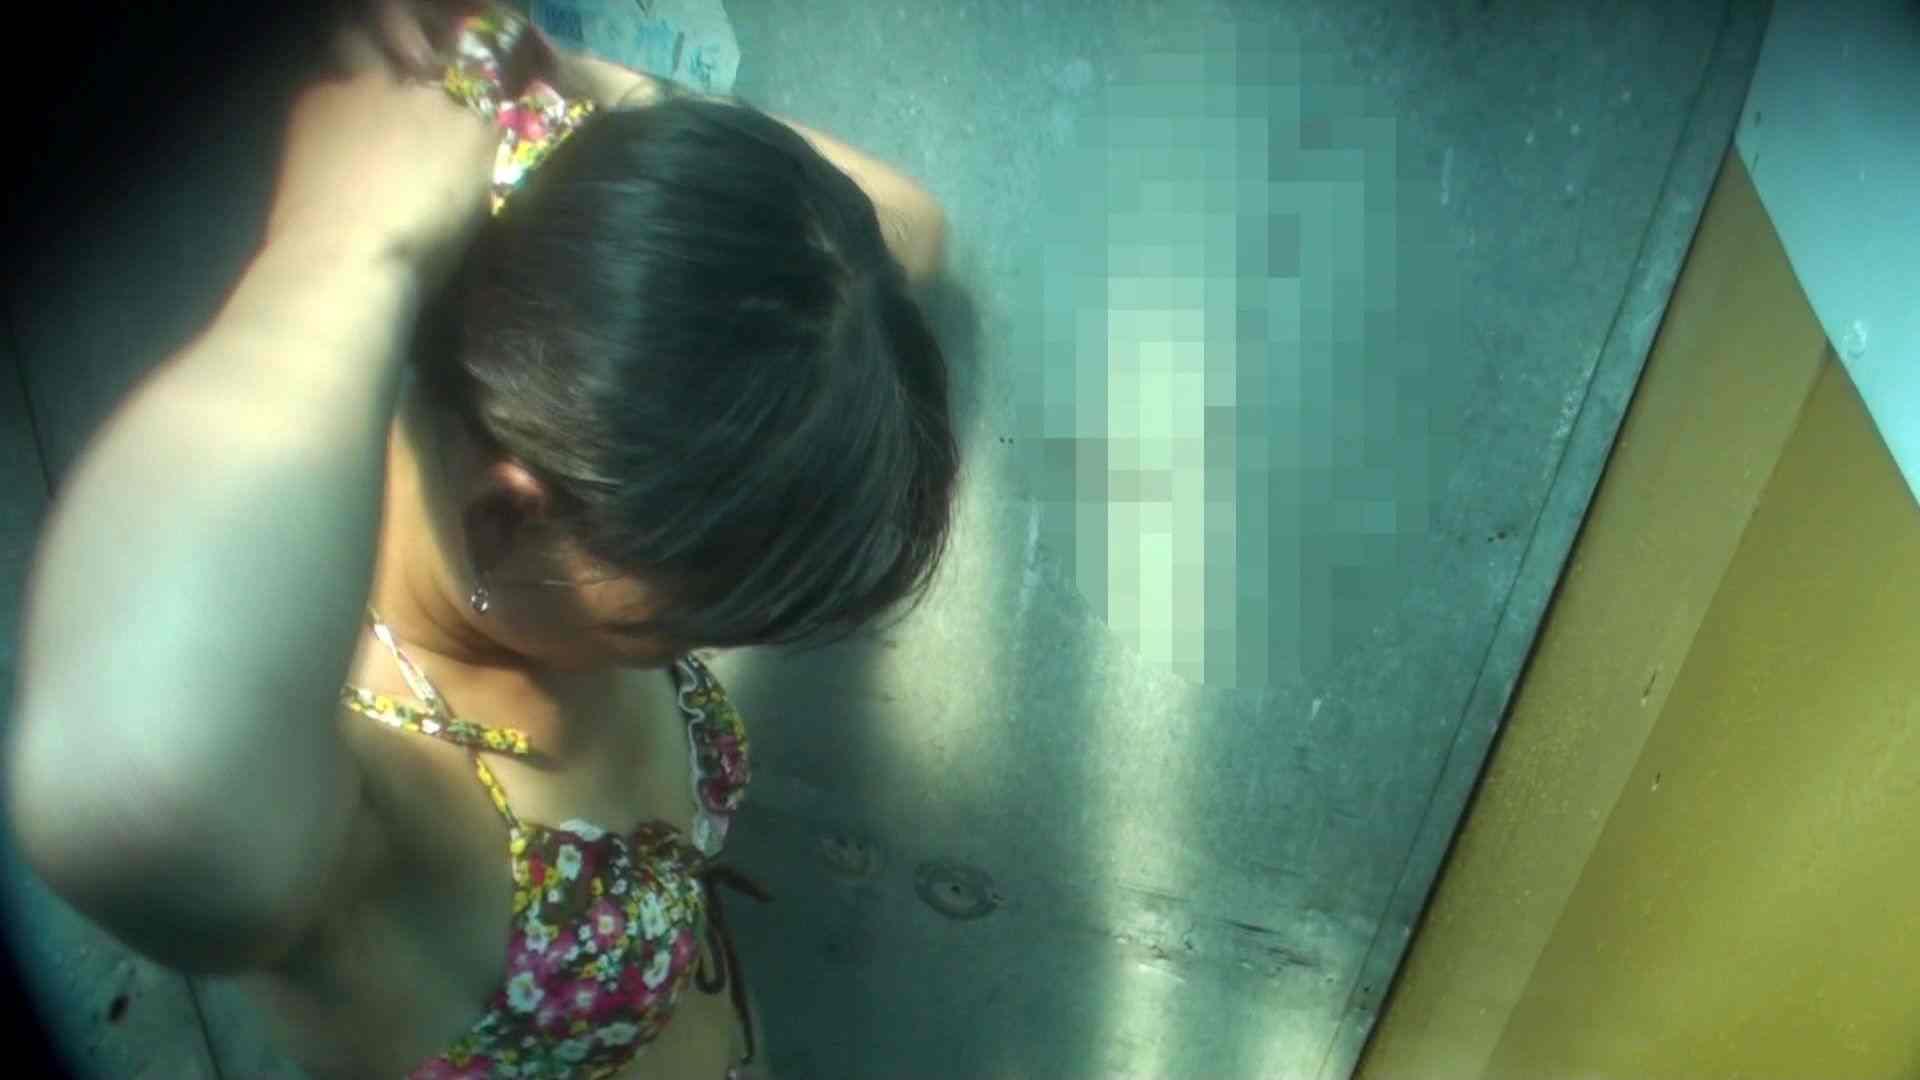 シャワールームは超!!危険な香りVol.16 意外に乳首は年増のそれ エロティックなOL   乳首  105画像 71